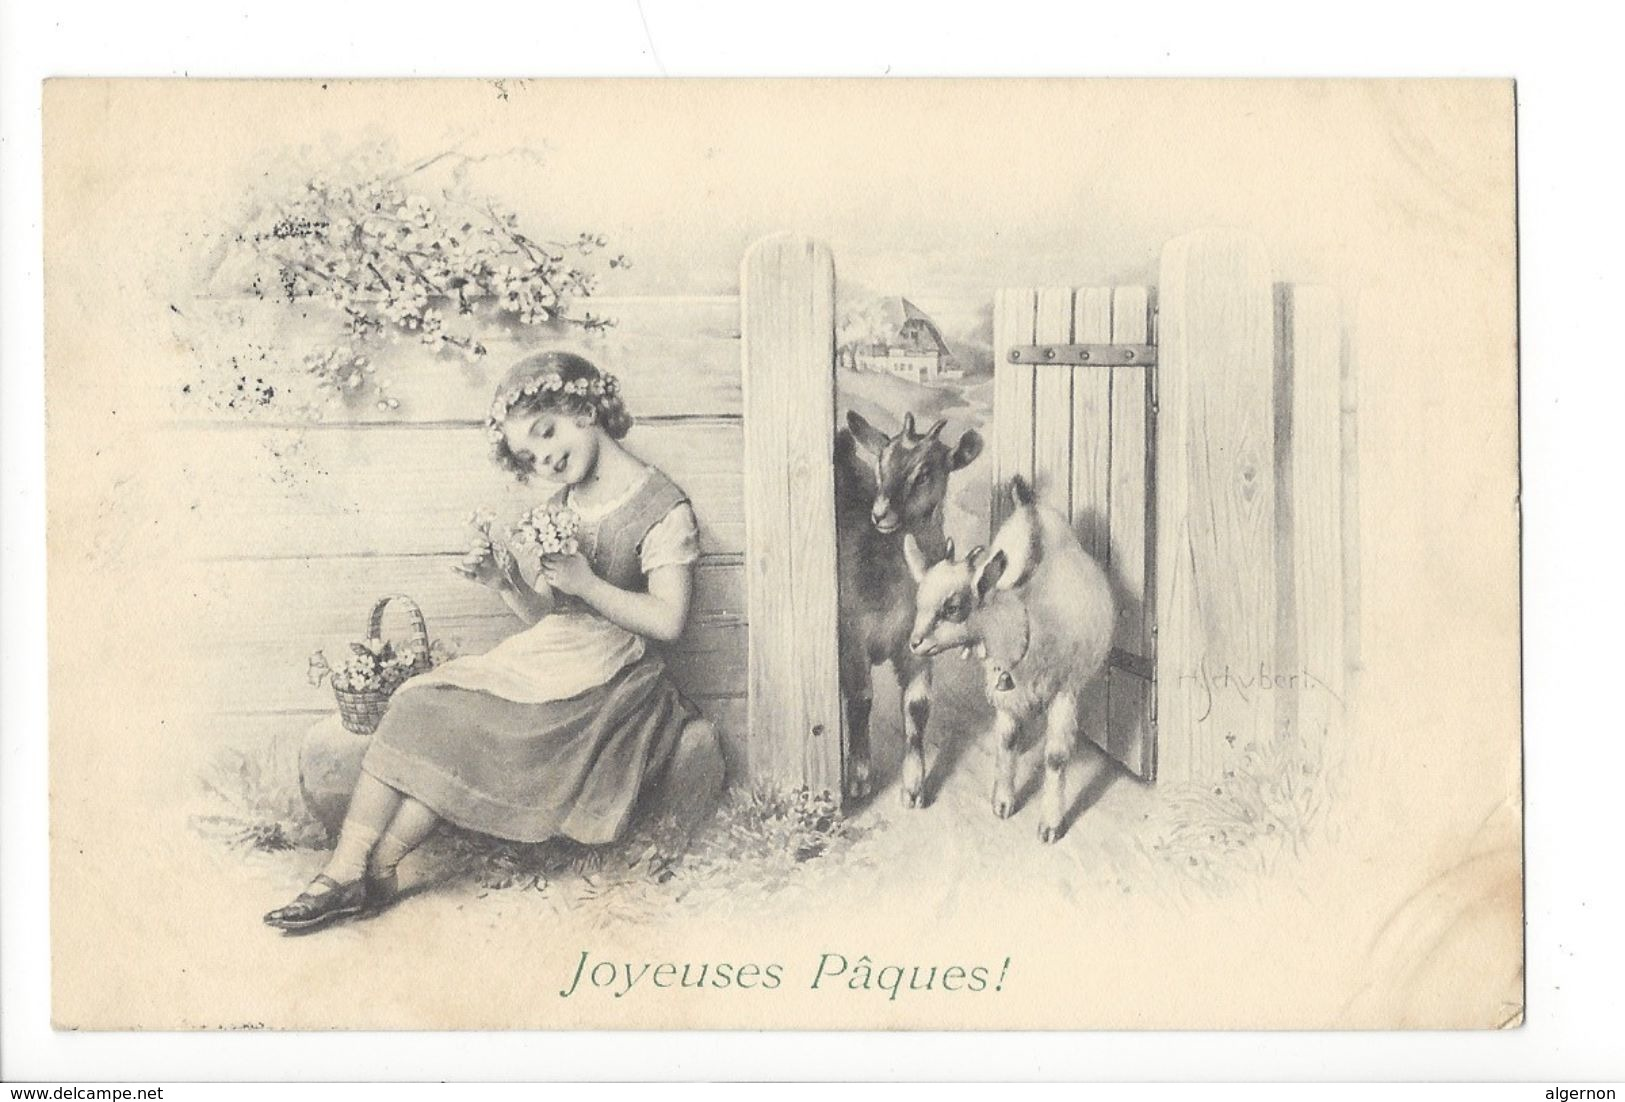 17794 - Joyeuses Pâques Jeune Fille Et Chèvres M. Vienne Munk N°579 - Pâques